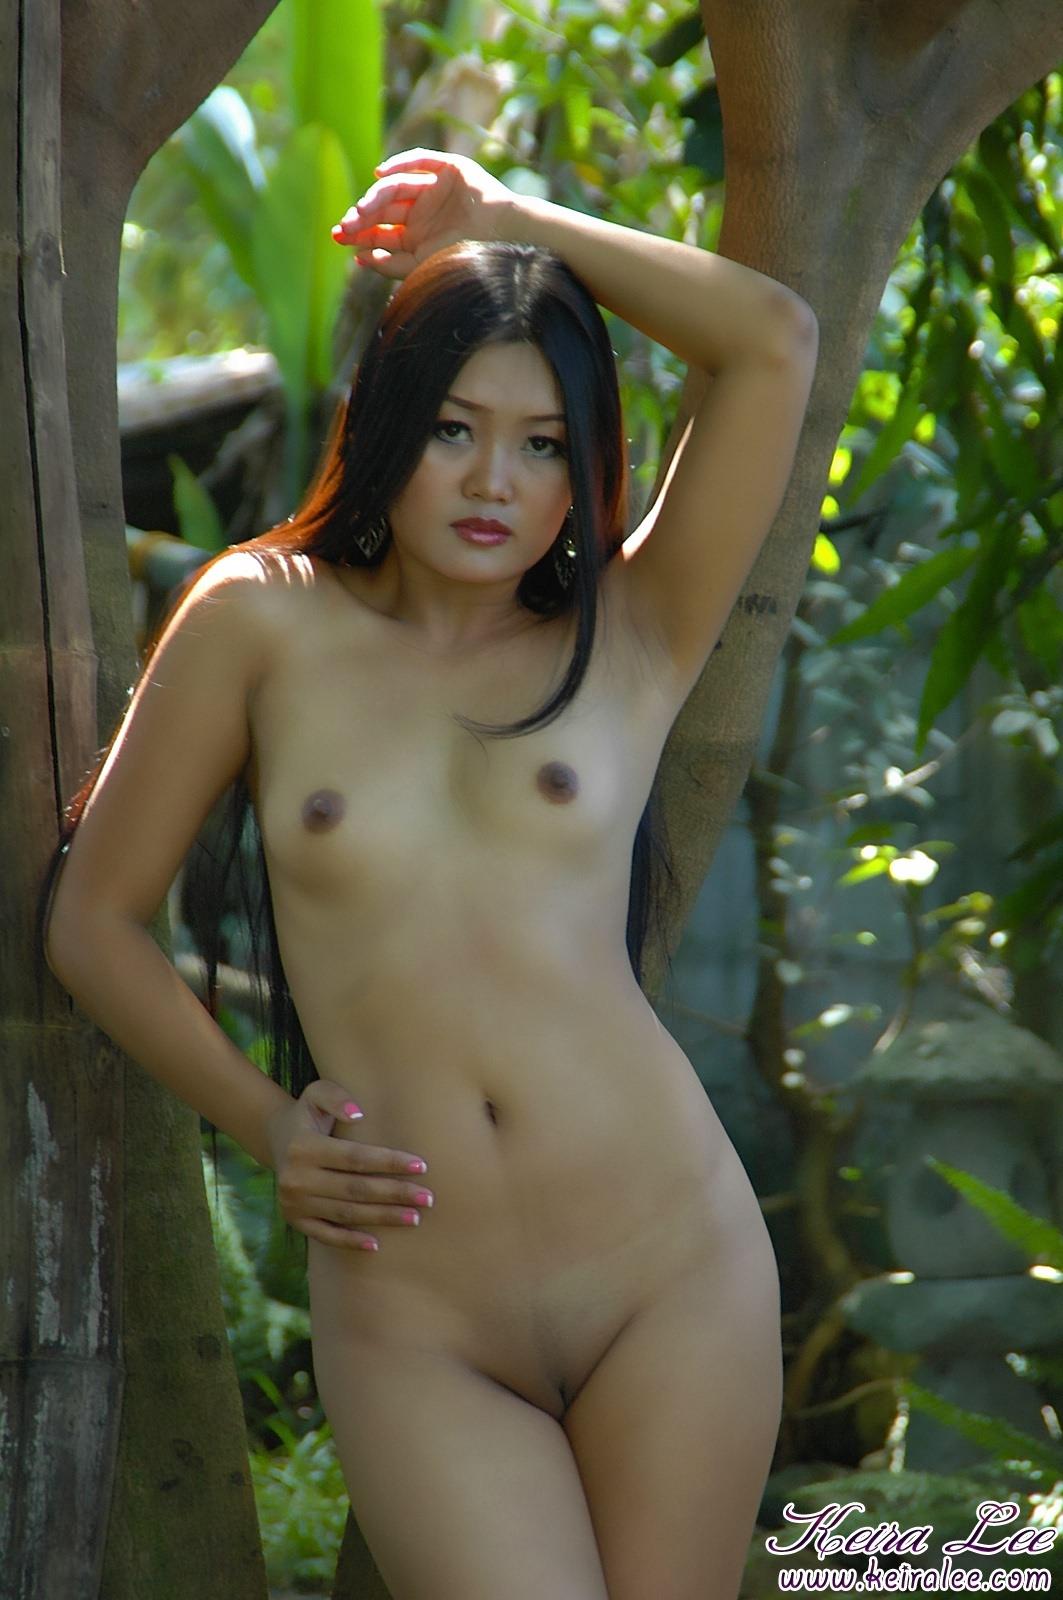 Mc keesport asian women dating site